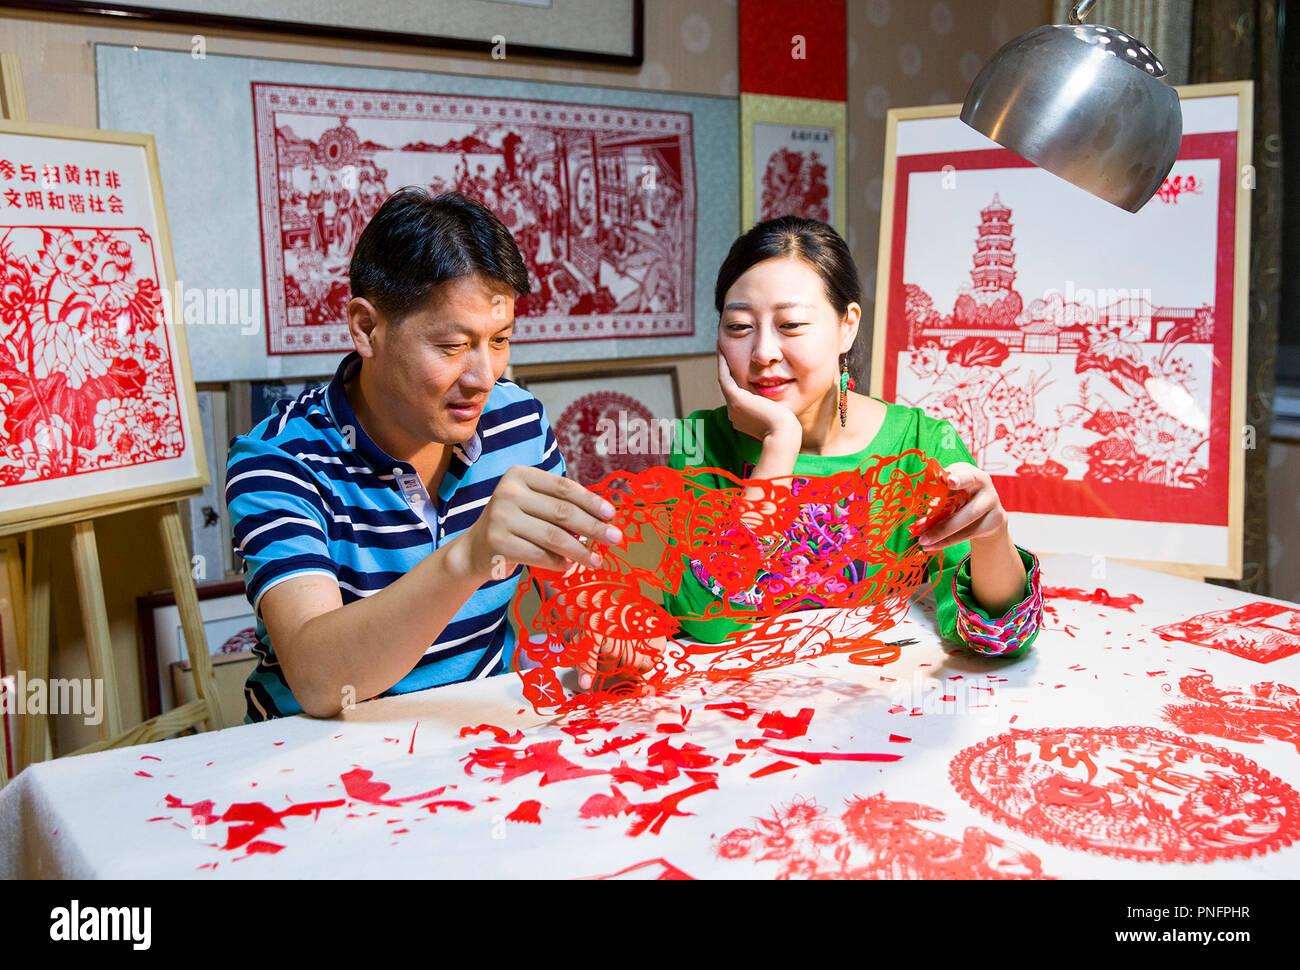 (180921) -- SHANGHAI, 21 septembre 2018 (Xinhua) -- Papercutting artiste Qiu Ting et son mari Qiu Hanping regardez une récolte-themed papercutting à Shanghai, ville de la province de Shandong, Chine orientale, le 17 septembre 2018. Qiu a passé plus de deux mois dans la création d'un 2 018 centimètres de long papercutting pour accueillir le premier festival de la récolte des agriculteurs chinois, qui tombe sur l'Équinoxe, ou 23 septembre cette année. (Xinhua/Chanson Haicun) (hxy) Photo Stock